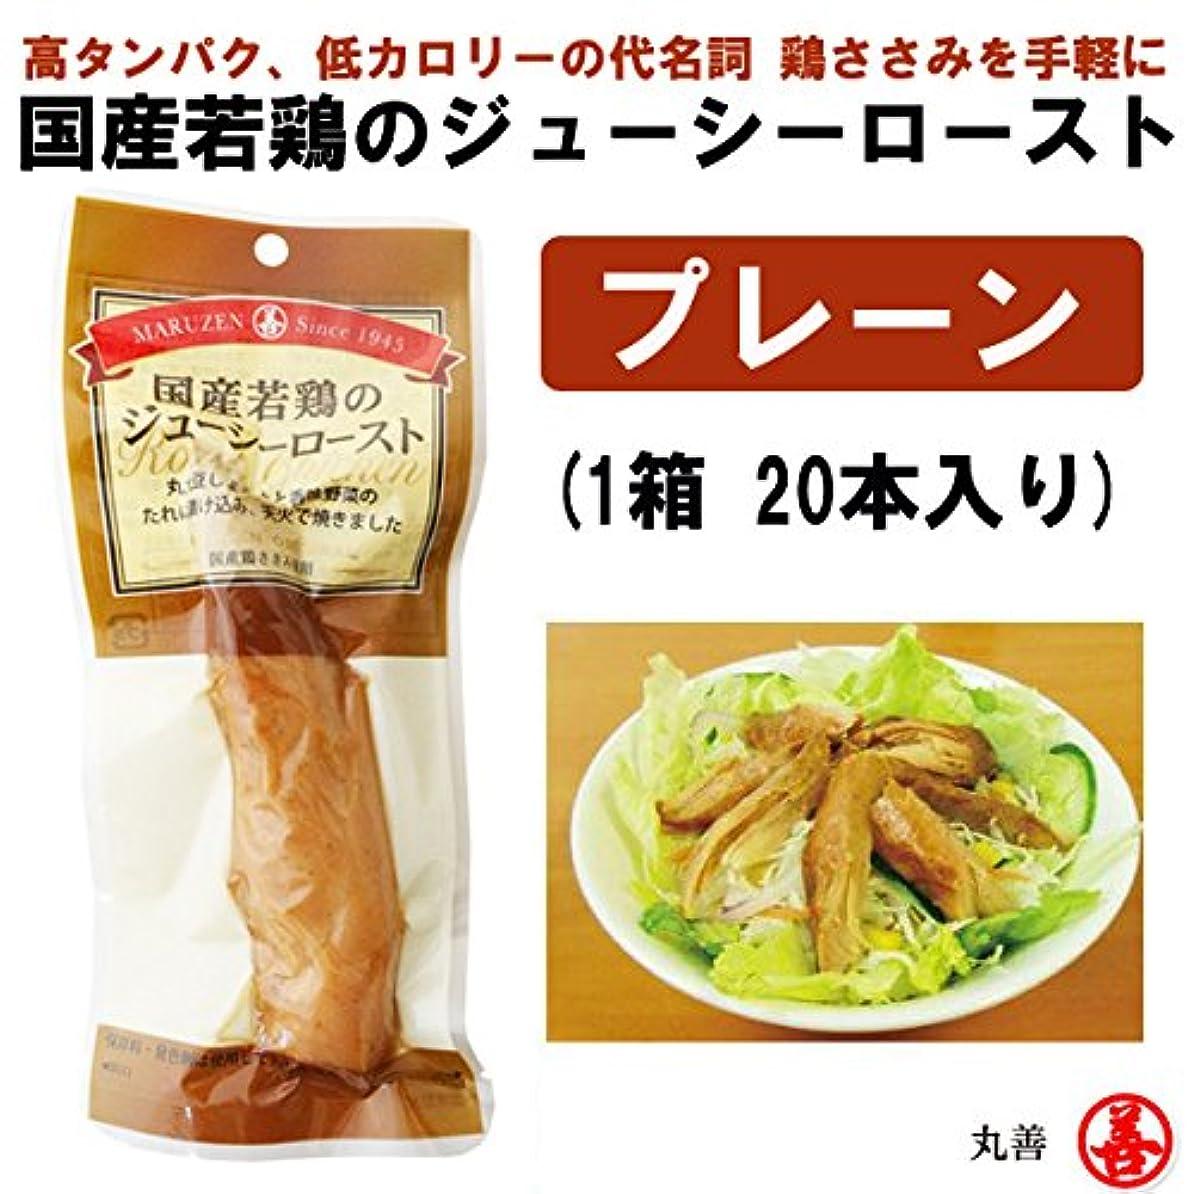 整理する習熟度ラウズ丸善 鶏ささみ 国産若鶏のジューシーロースト プレーン 1箱20本入り